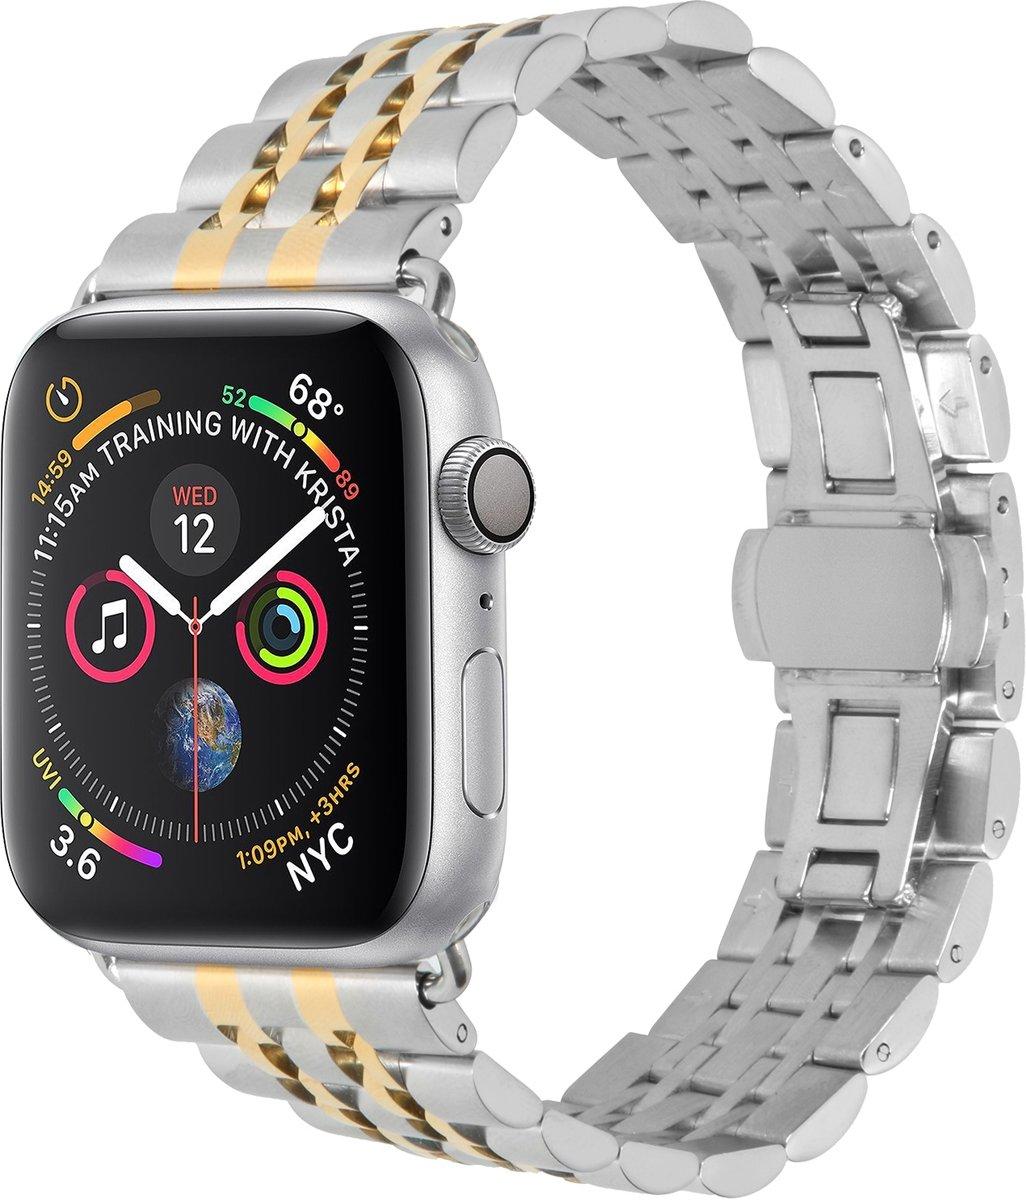 Gouden Stainless steel watch band voor de Apple Watch 44 mm / 42 mm kopen